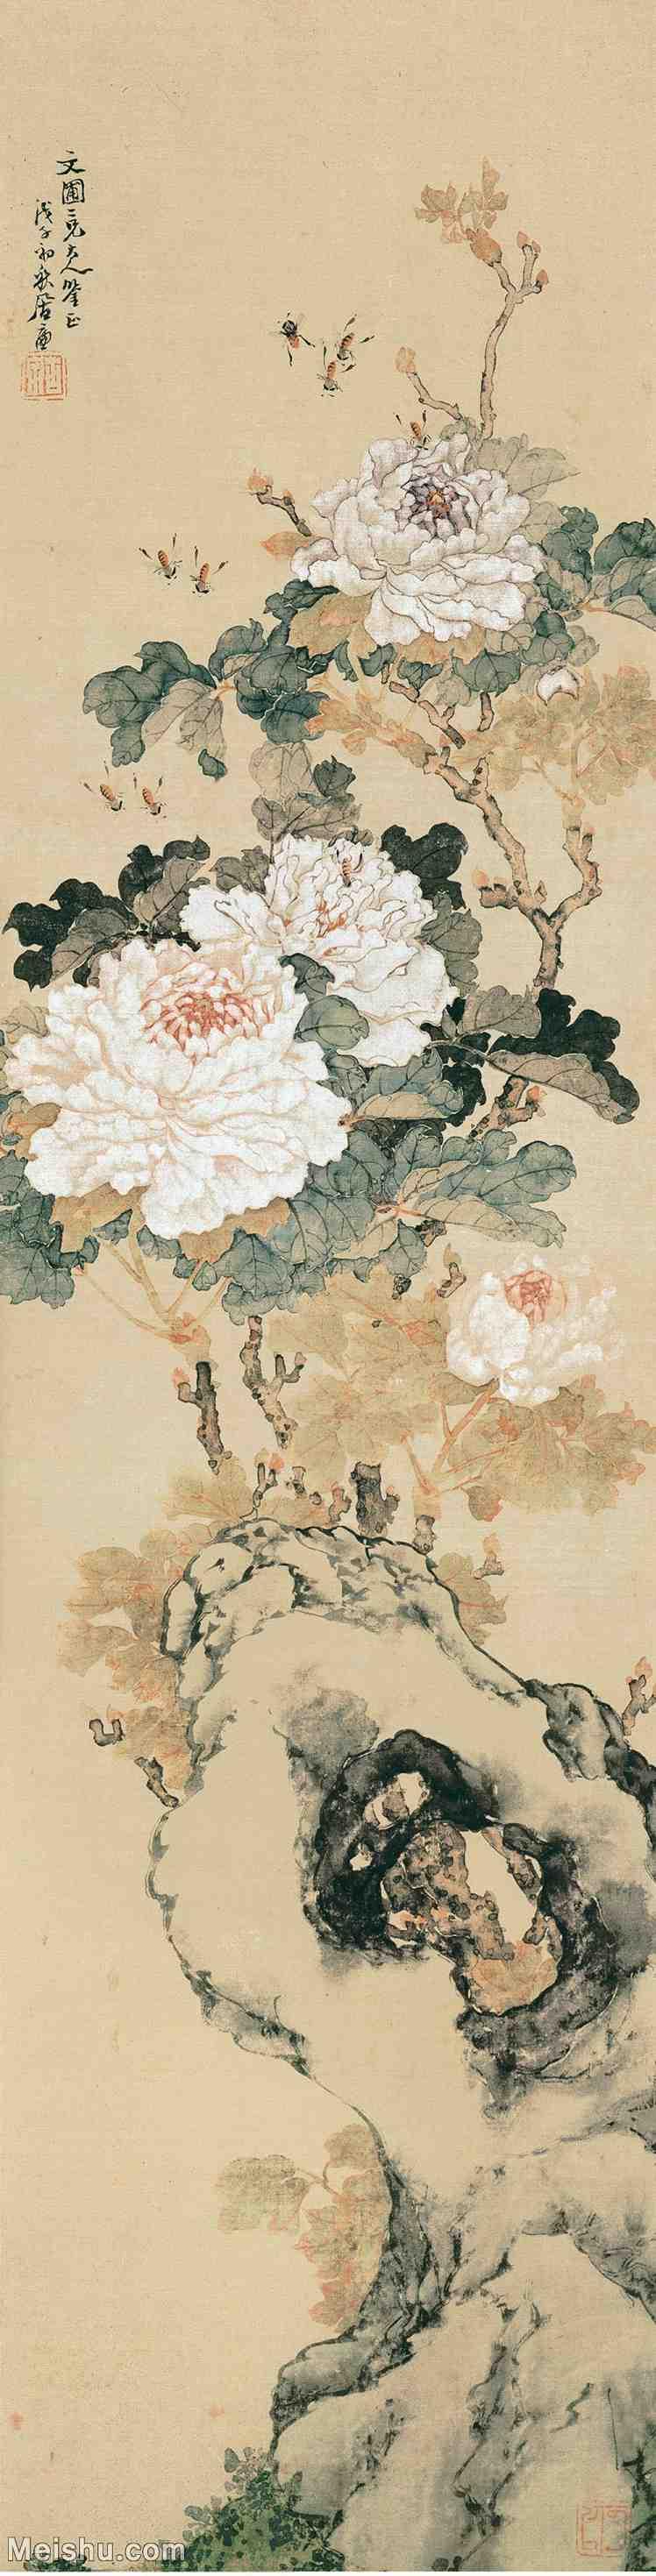 【印刷级】GH6155067古画立轴花鸟花卉清 居廉-花卉四屏之二纸本100x25.5图片-137M-3503X1373